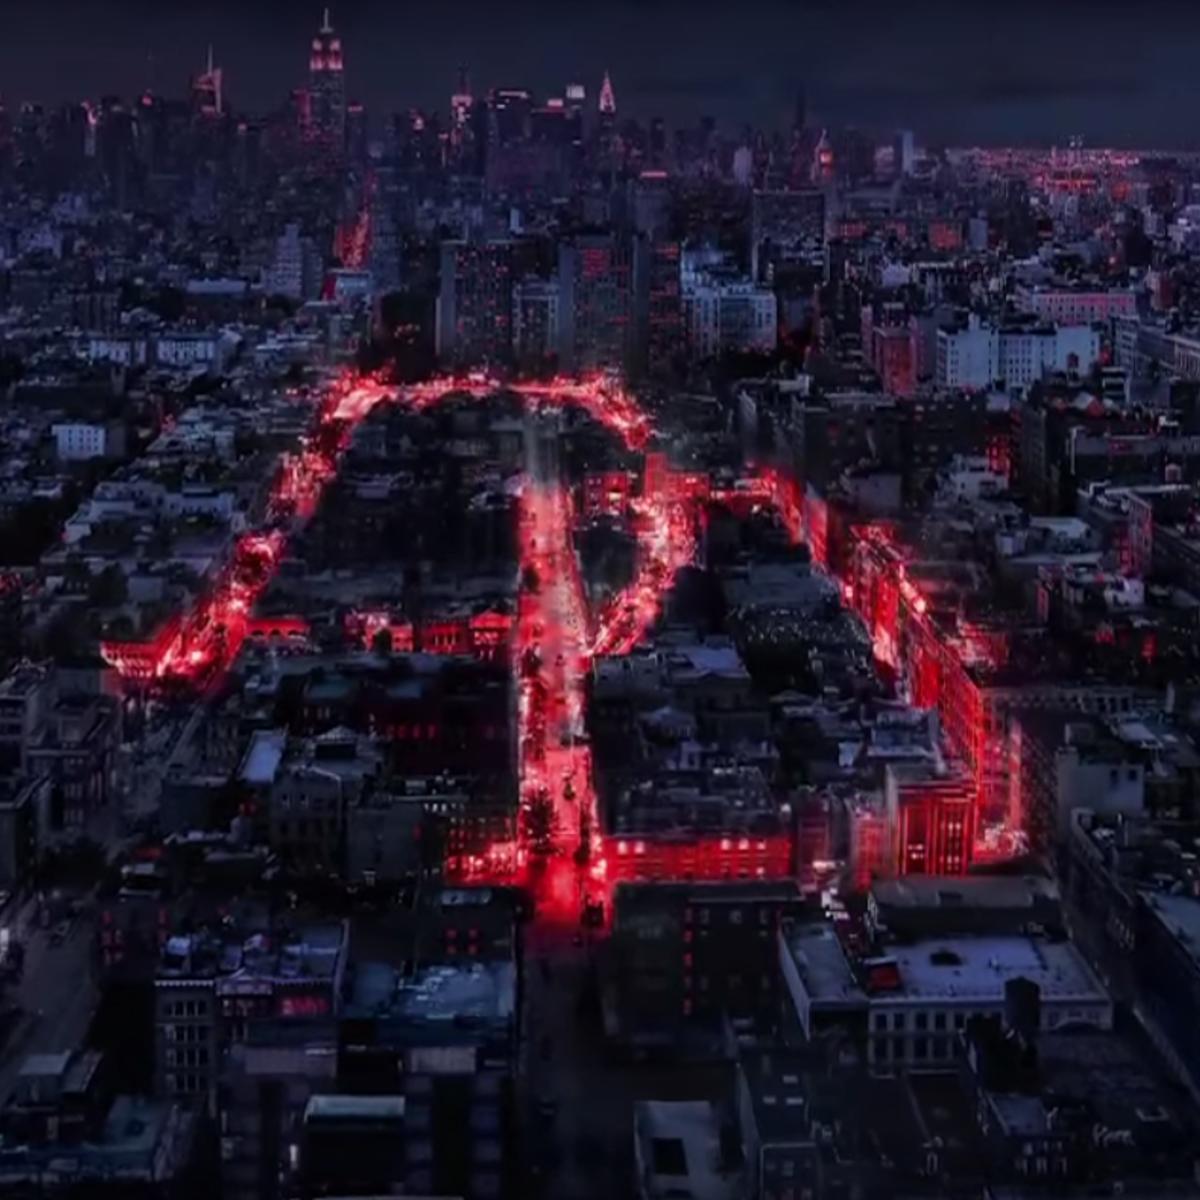 Daredevil-season-2-trailer-screenshot-2.png